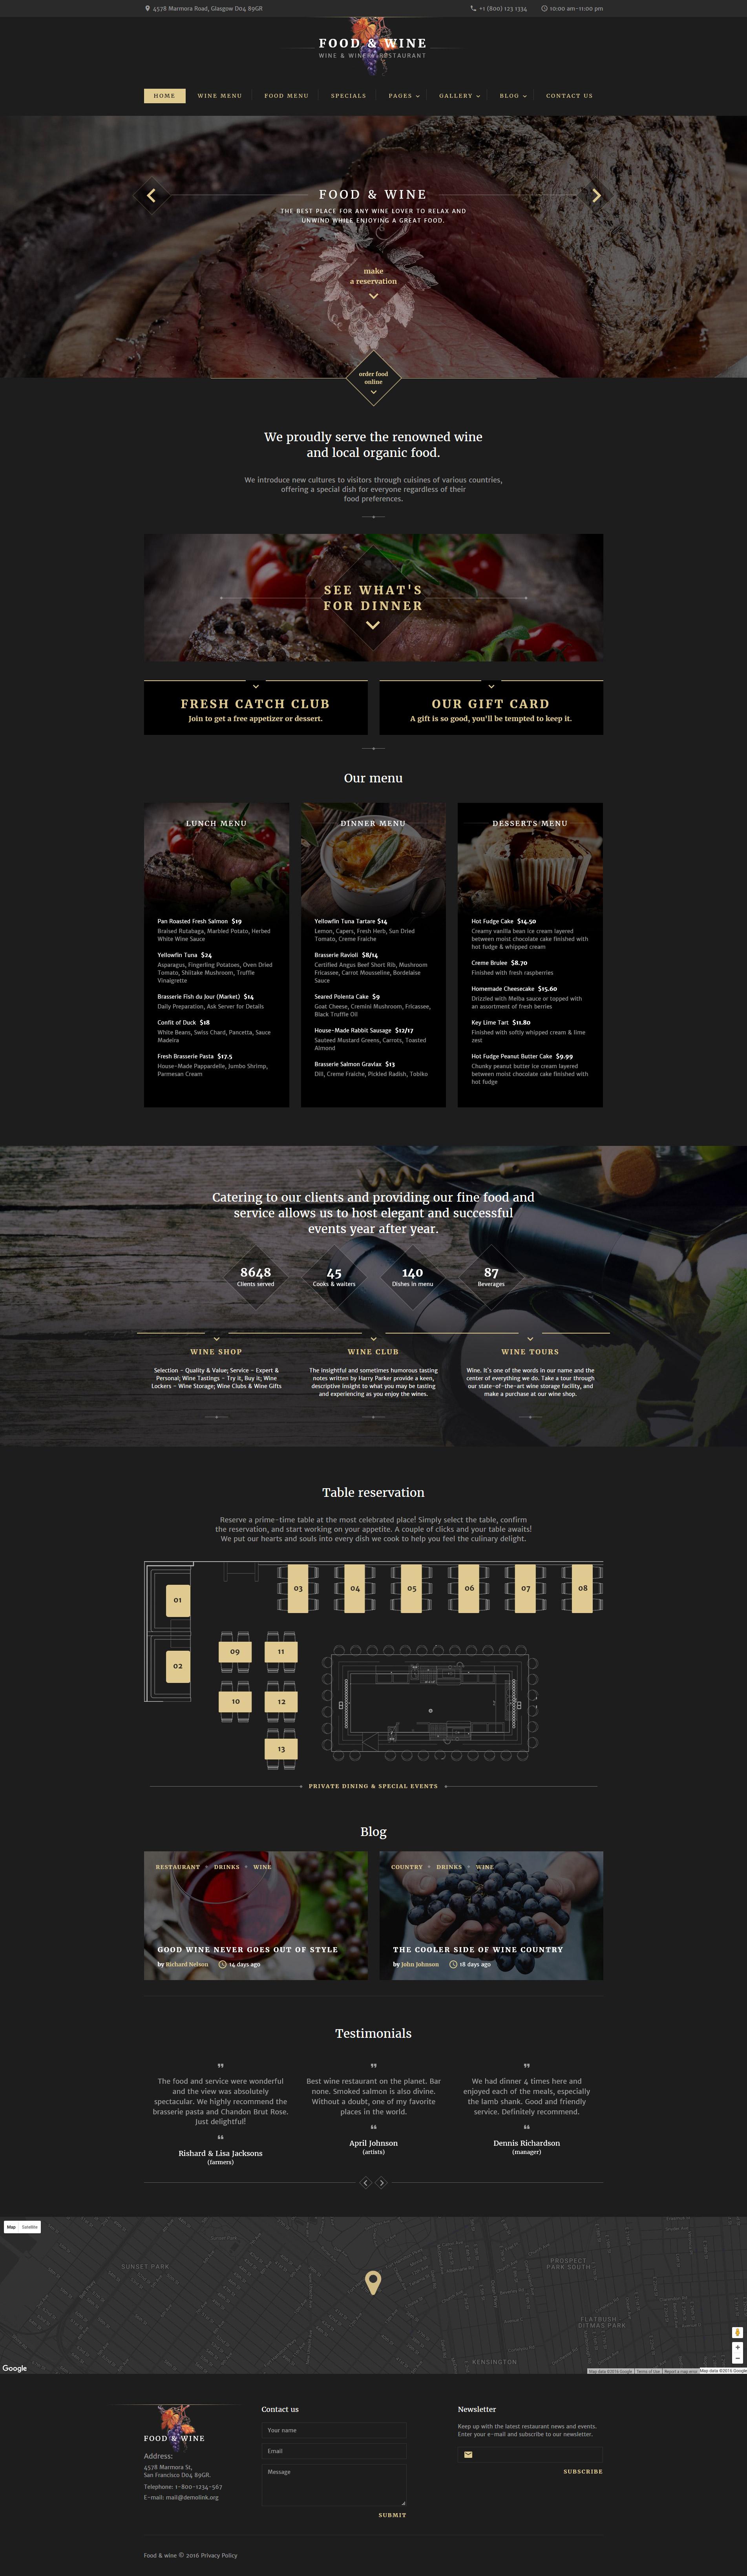 """""""Food  Wine"""" - адаптивний Шаблон сайту №60038 - скріншот"""